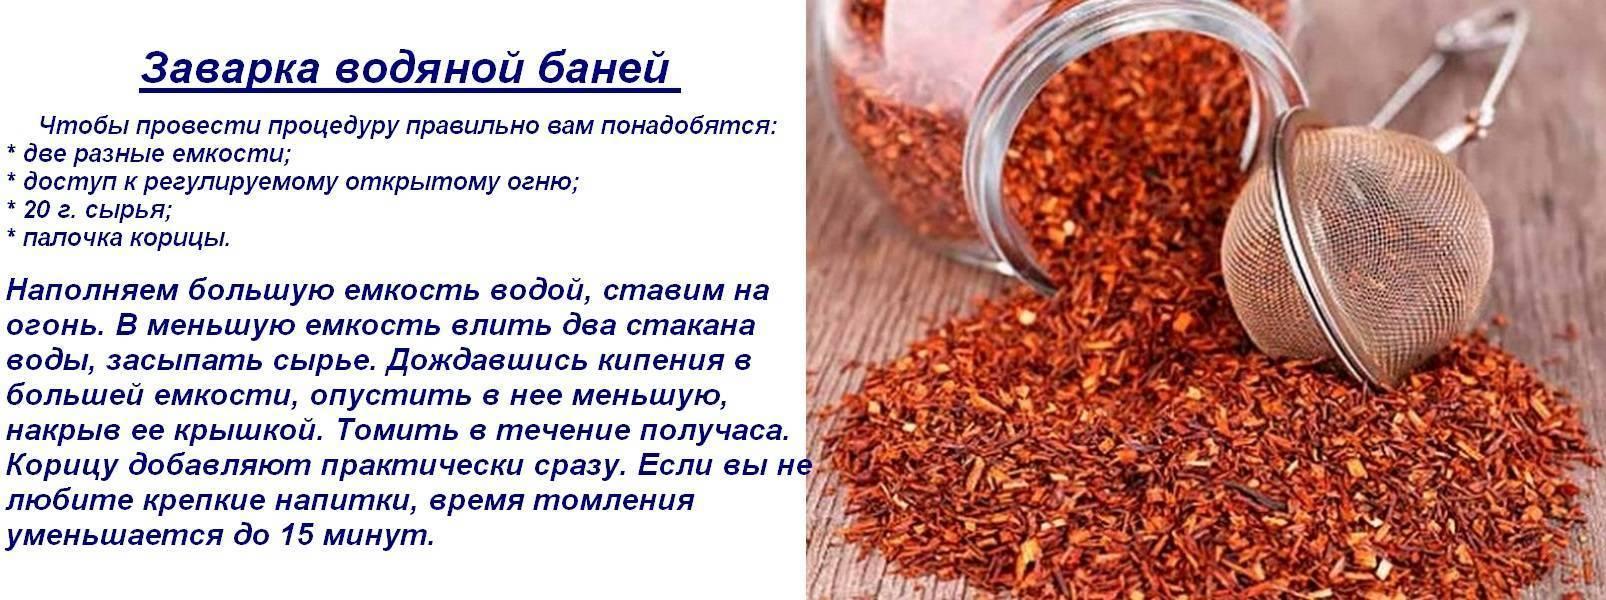 Чай ройбуш: польза и вред, отзывы, полезные свойства и противопоказания, состав